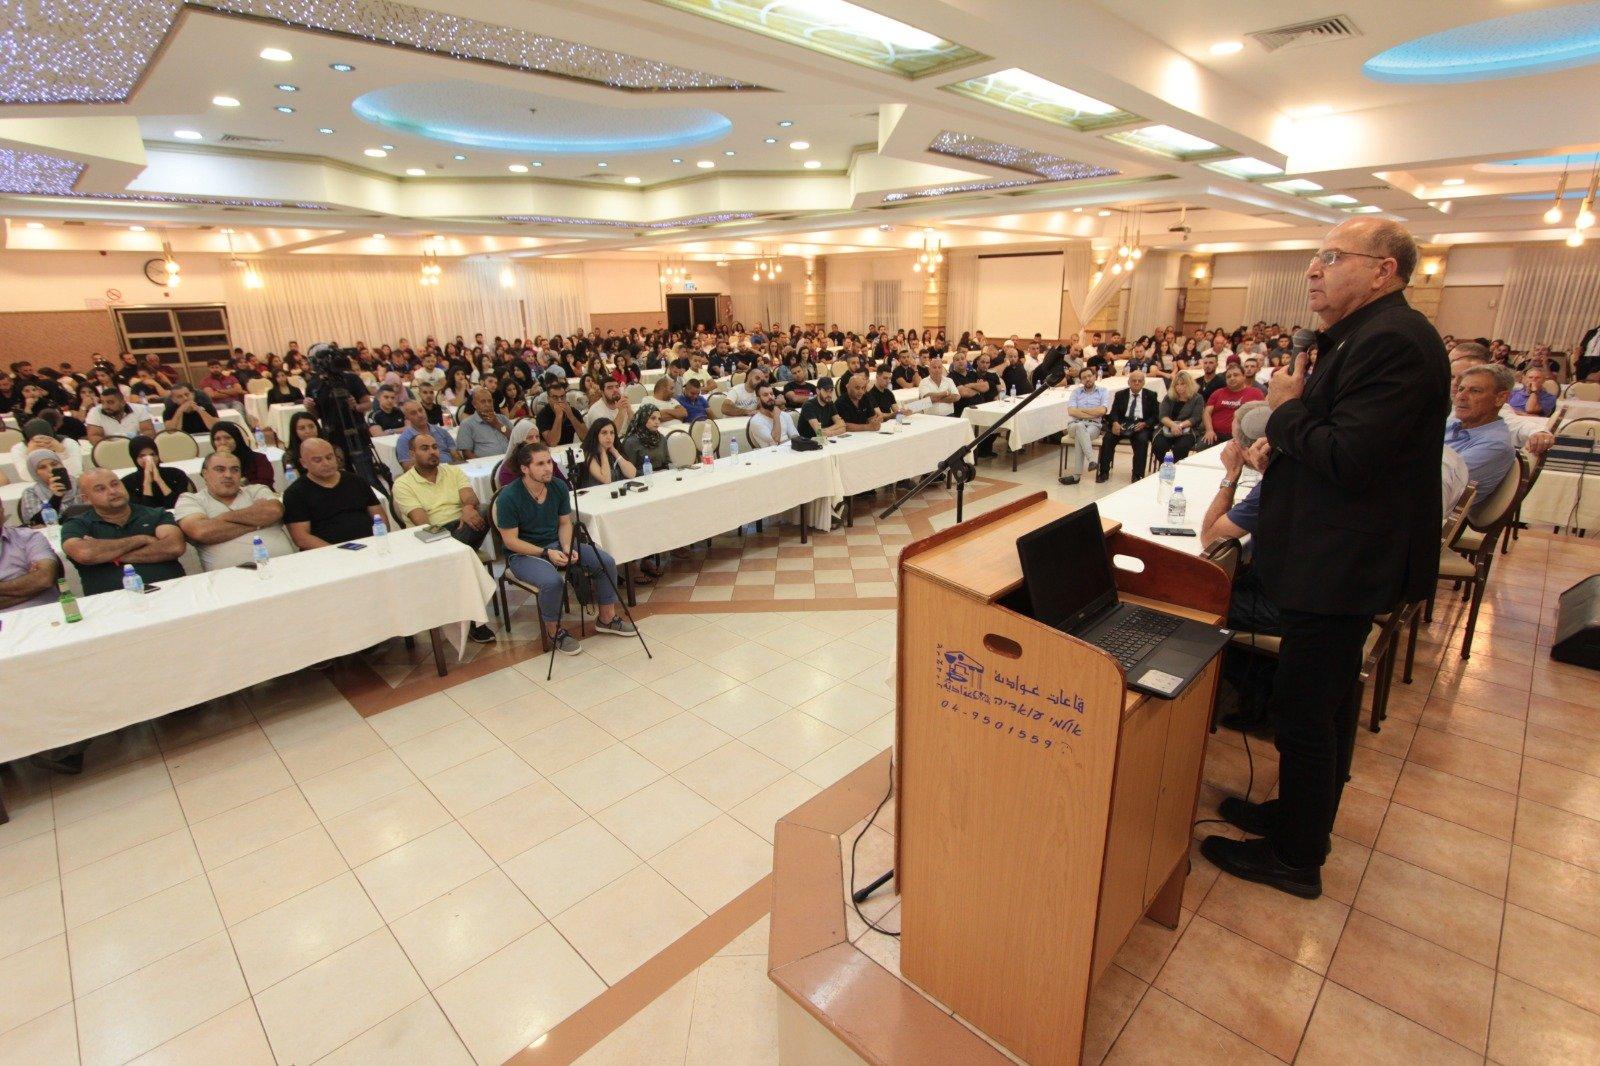 نيسان كورن في شفاعمرو: الانتخابات يوم الثلاثاء هي على المستقبل